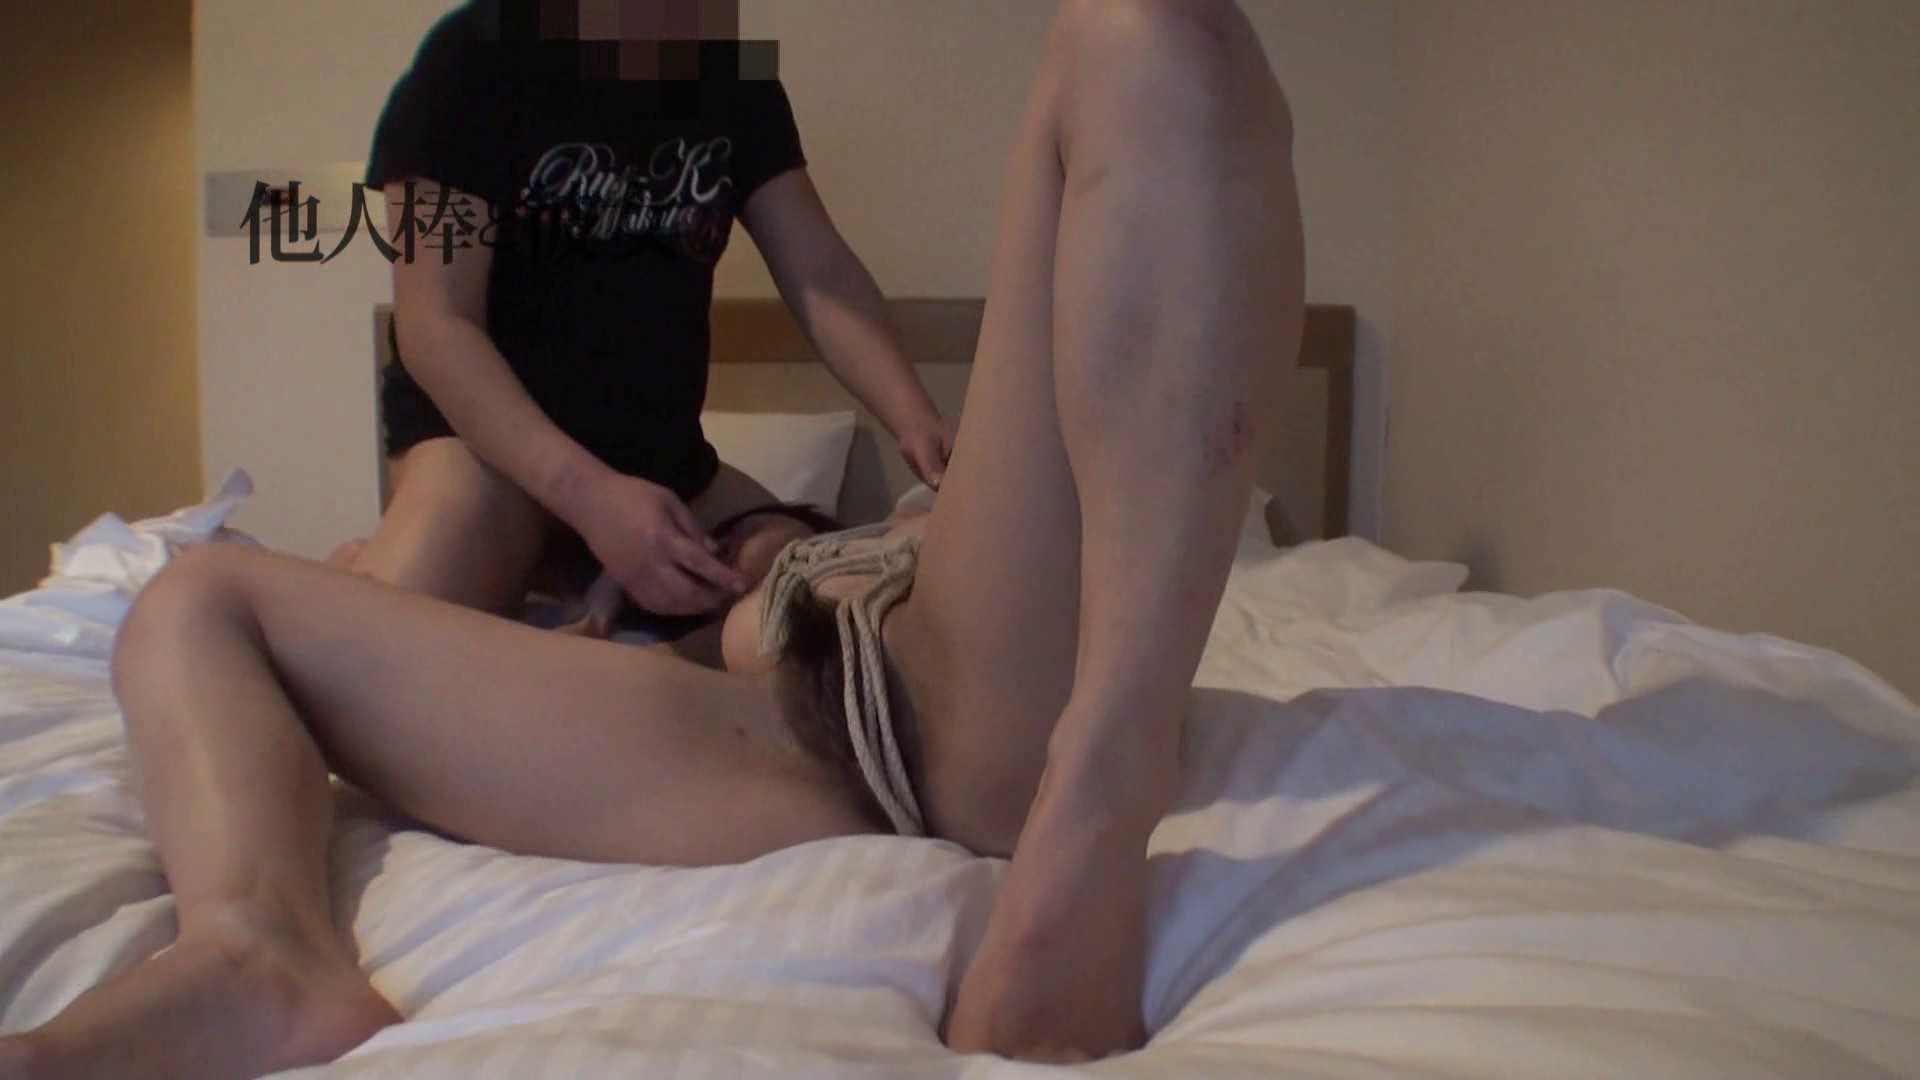 他人棒を強要する彼氏vol.5 カップル オマンコ無修正動画無料 103pic 15